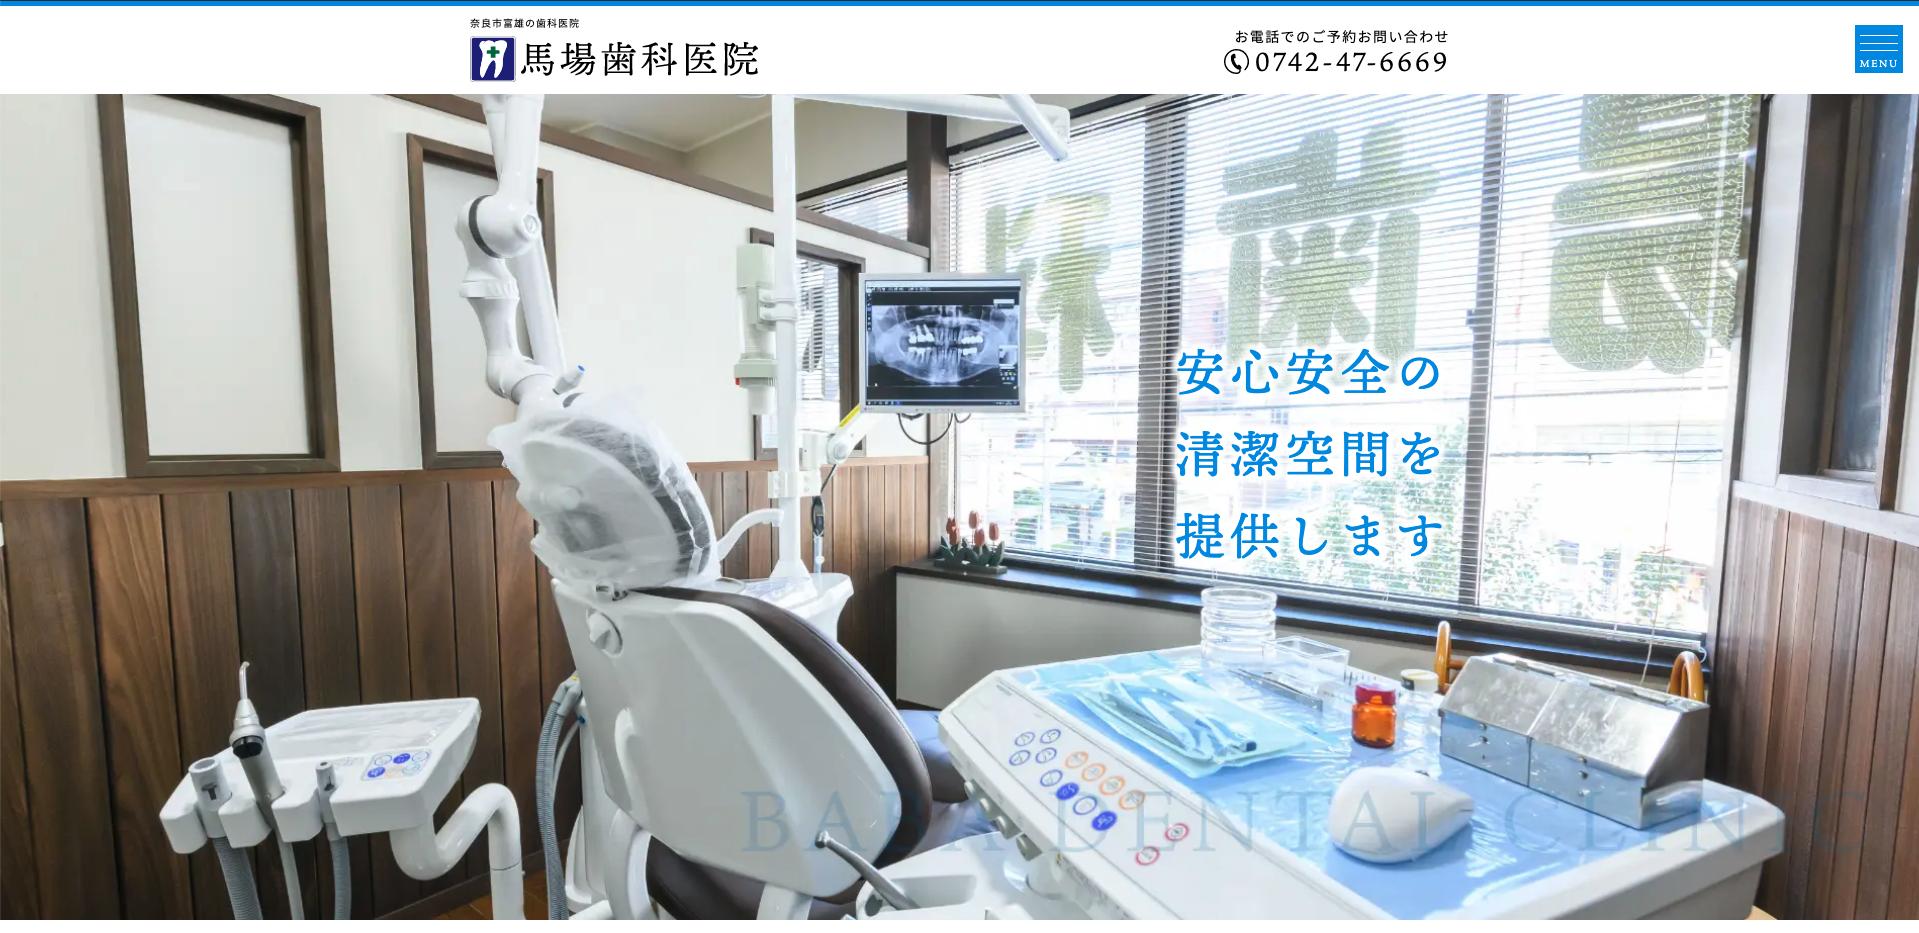 馬場歯科医院